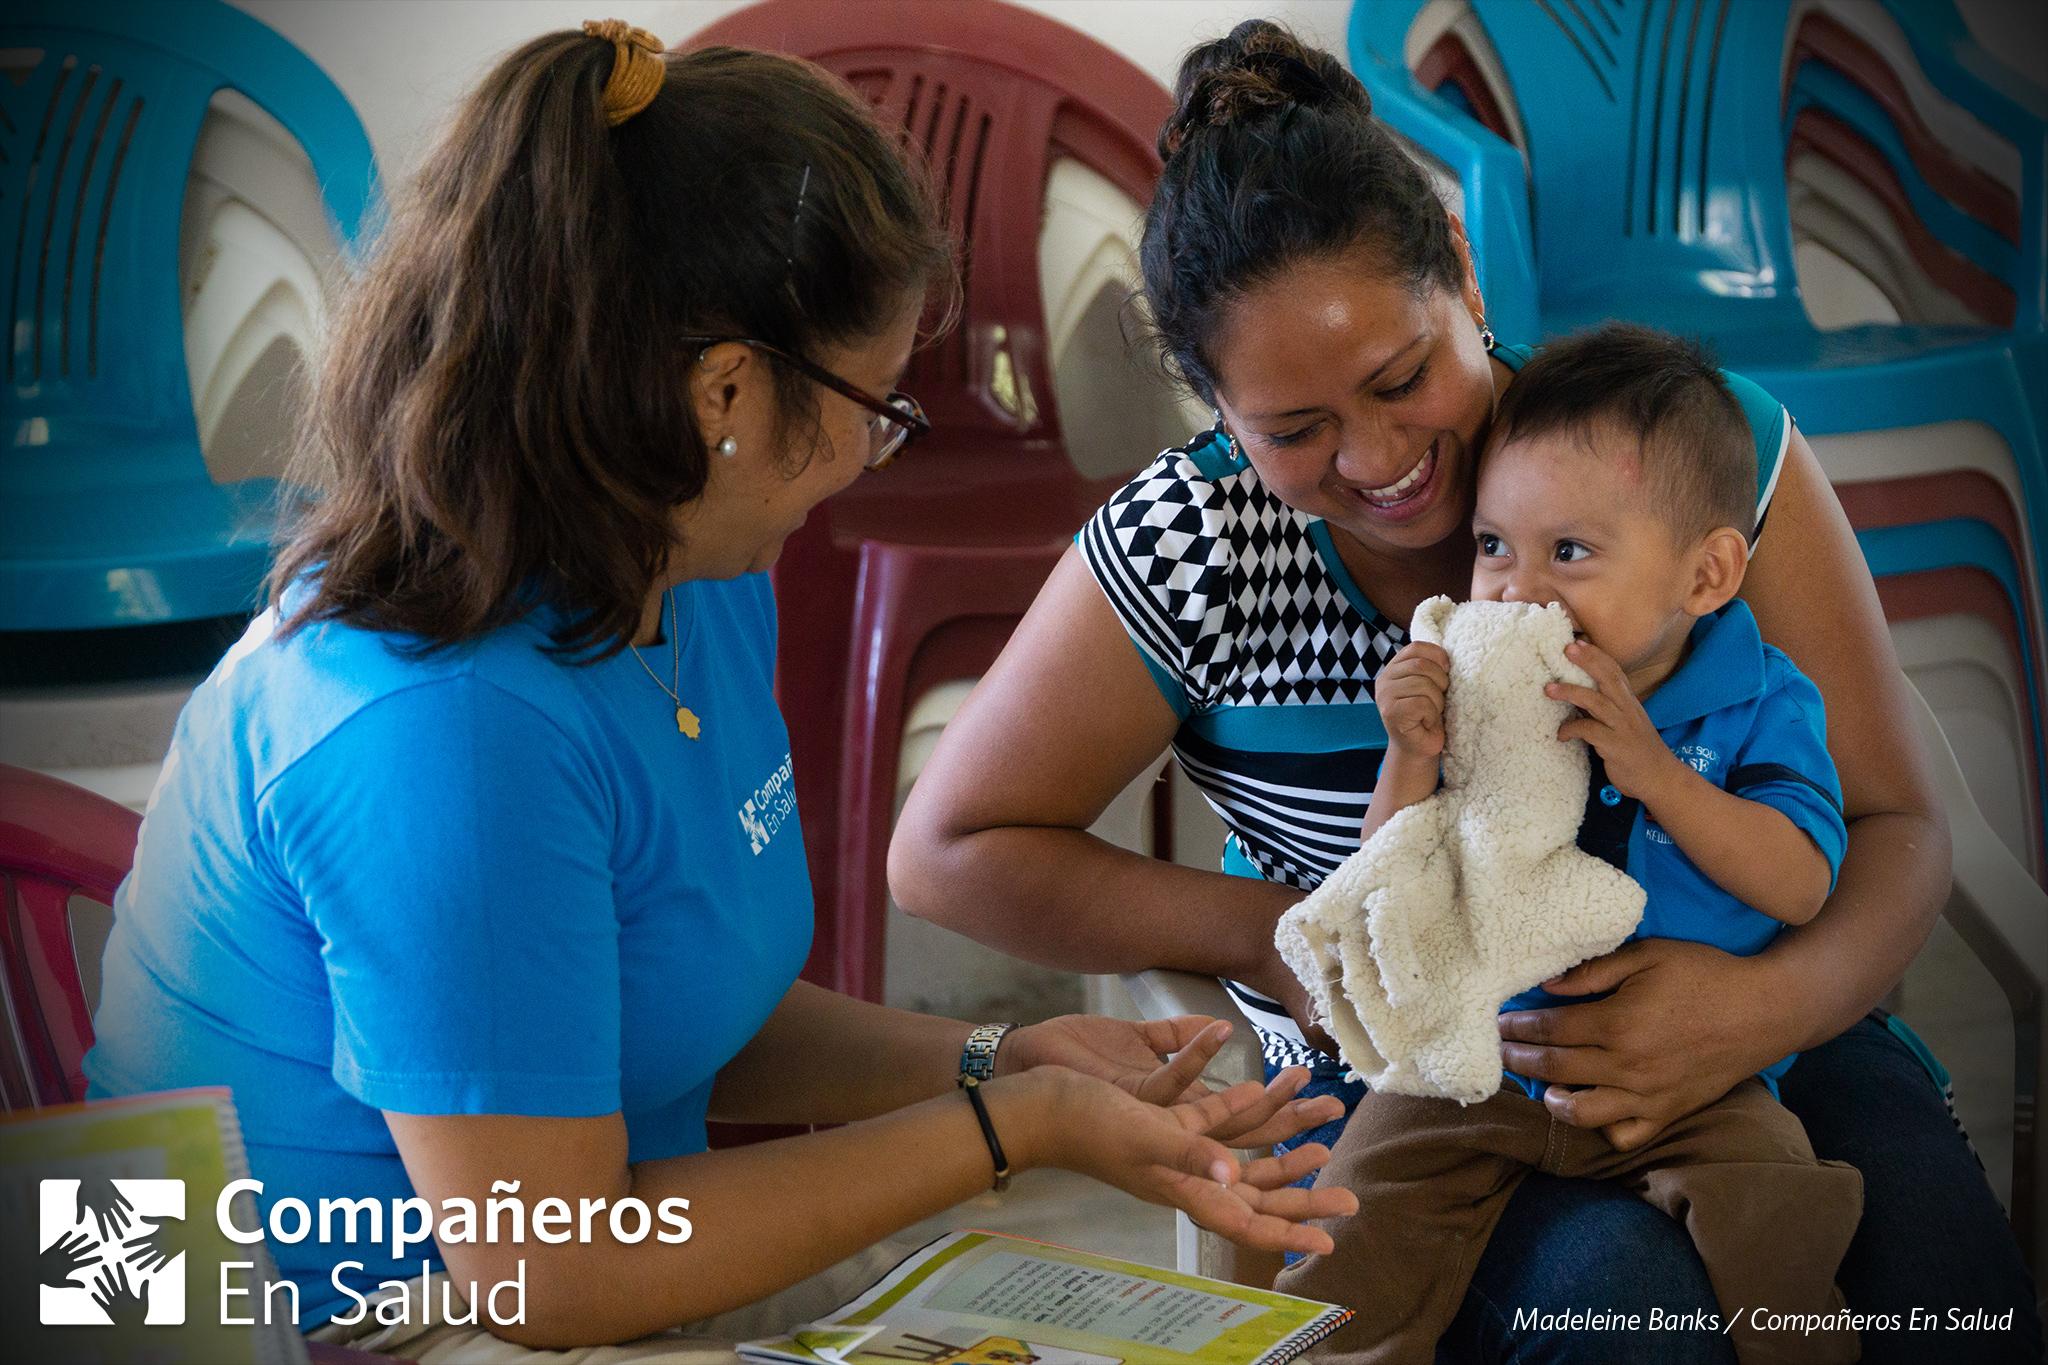 La Dra. Ariwame Reynoso (izquierda), coordinadora del programa de acompañantes en Compañeros En Salud, lidera una actividad con Jubencia Barrios Vázquez (derecha) y su hijo Andrei, en la comunidad de Salvador Urbina.